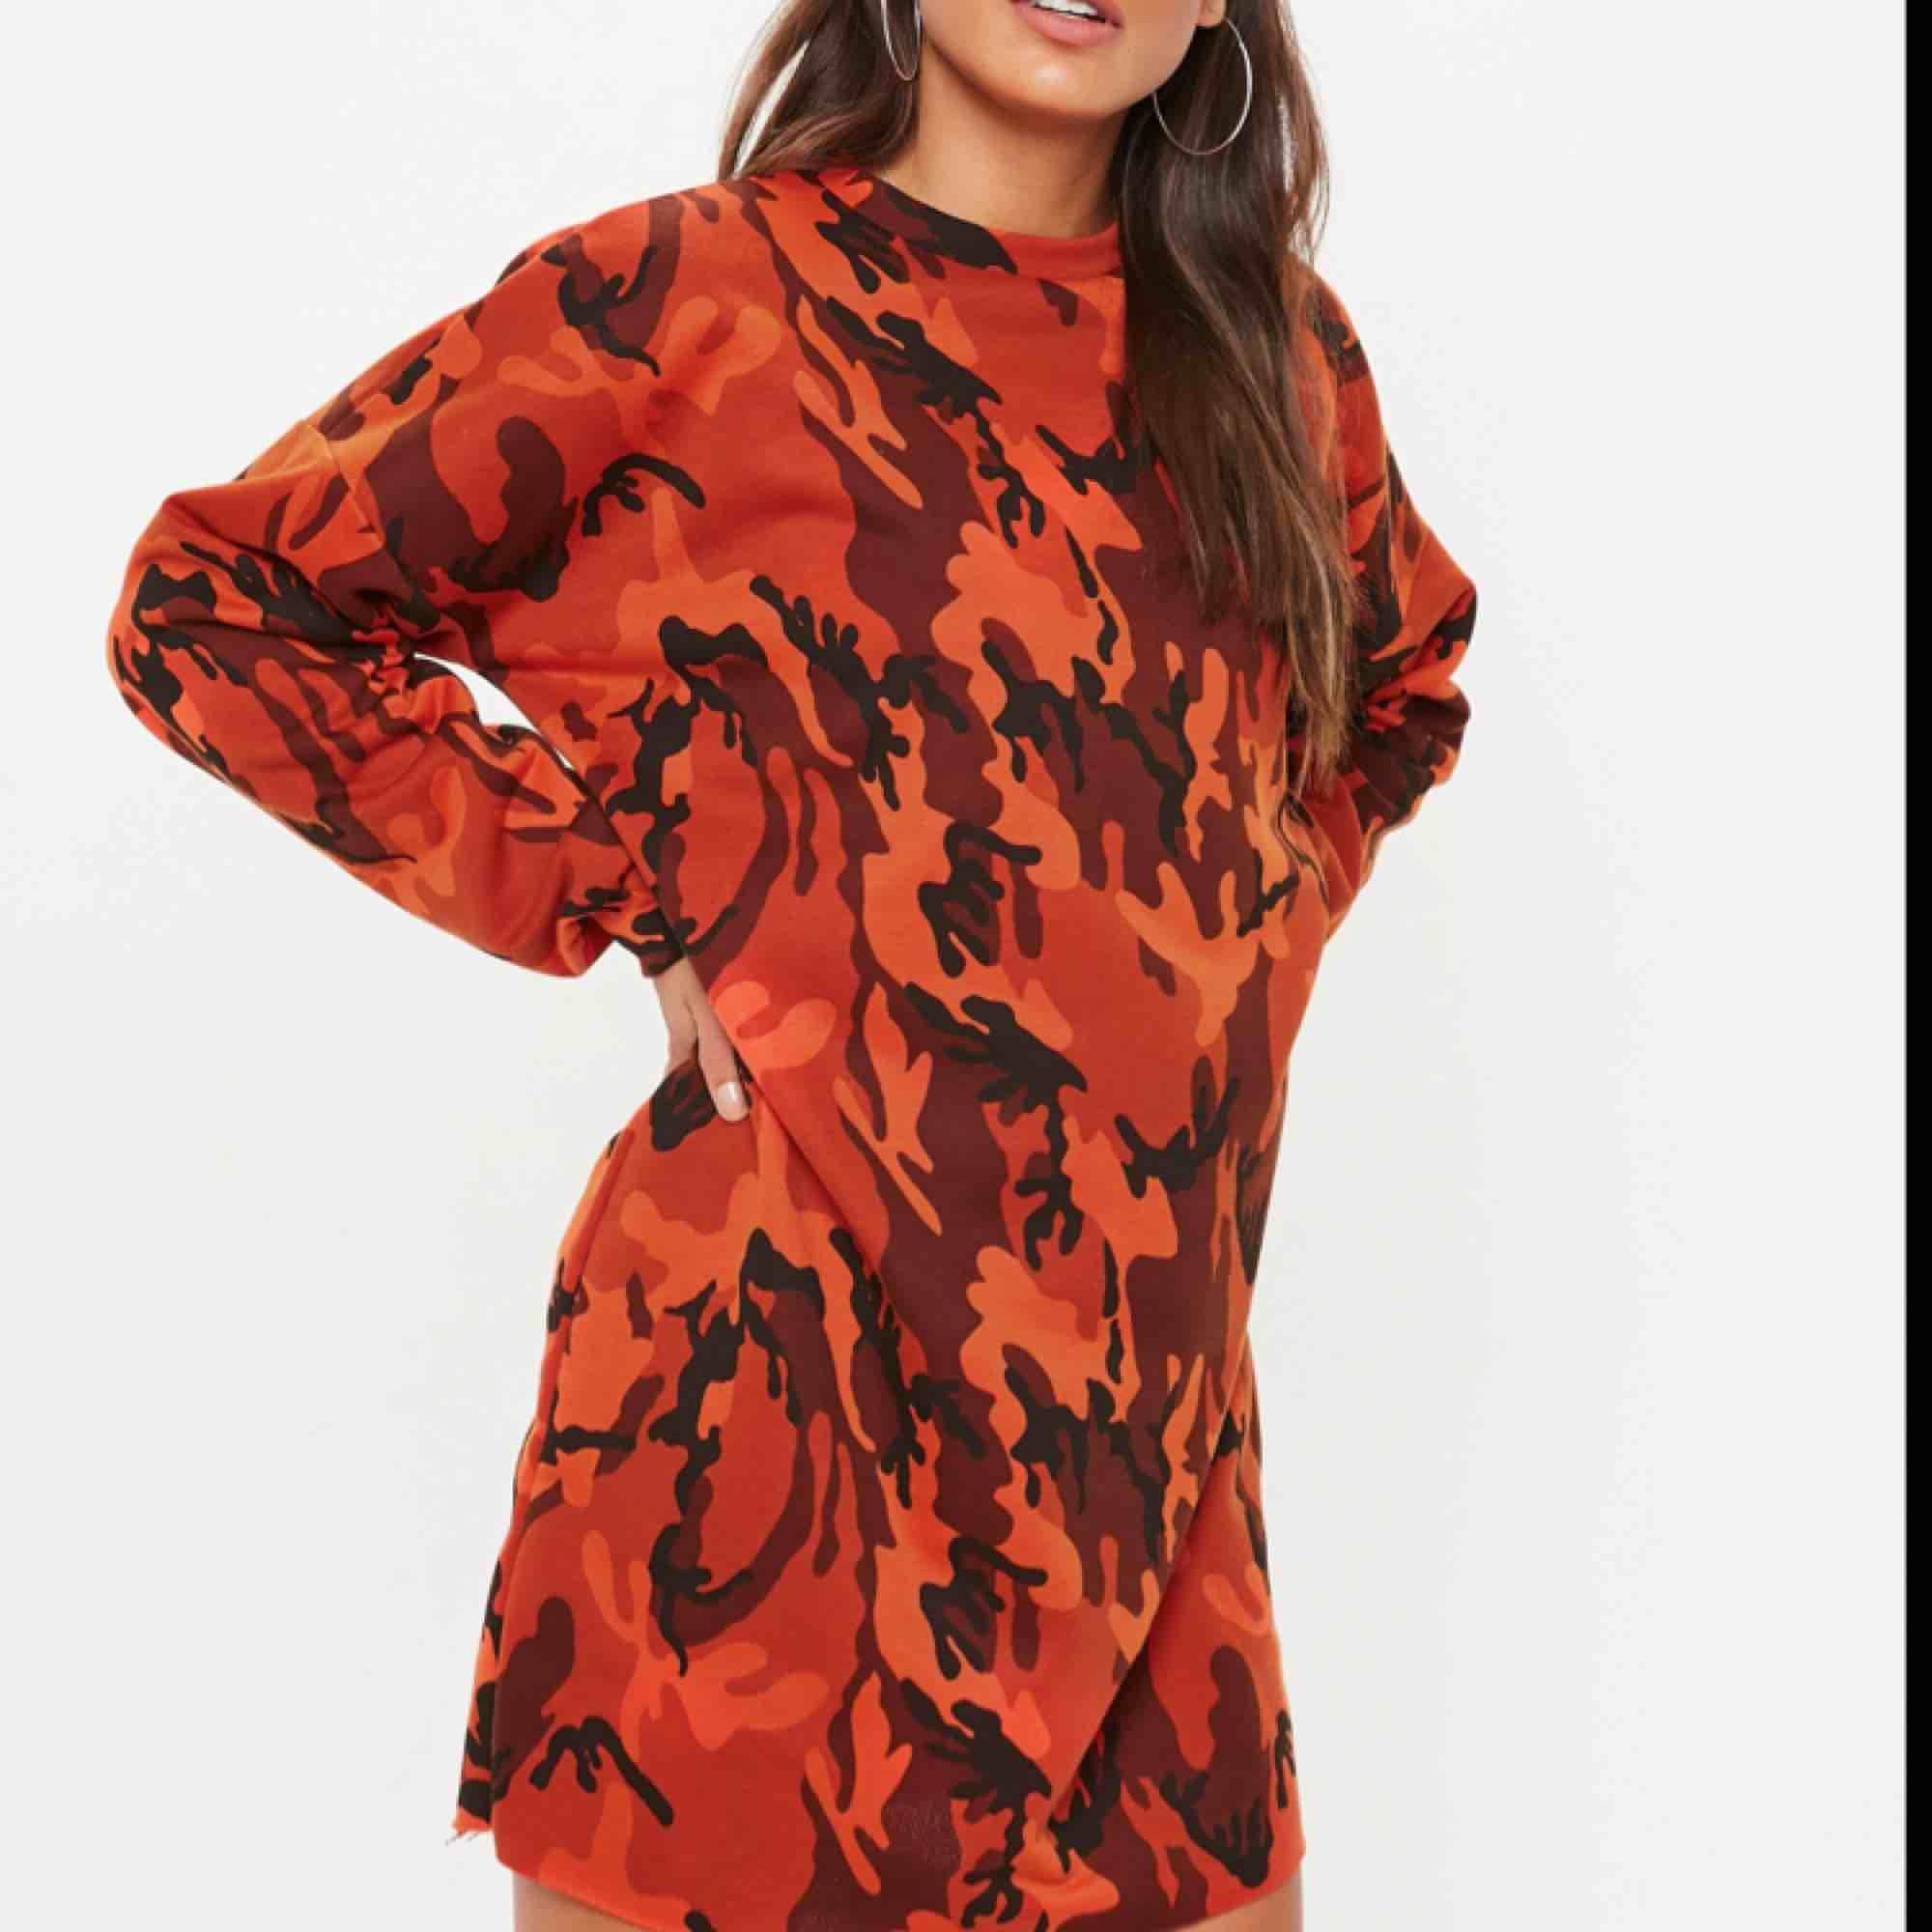 Snygg lång tröja/klänning i camo, orange i färgen och rå kant. Storlek Medium, lite oversize och helt ny endast testad, köparen står för frakt, har swish ✨. Huvtröjor & Träningströjor.